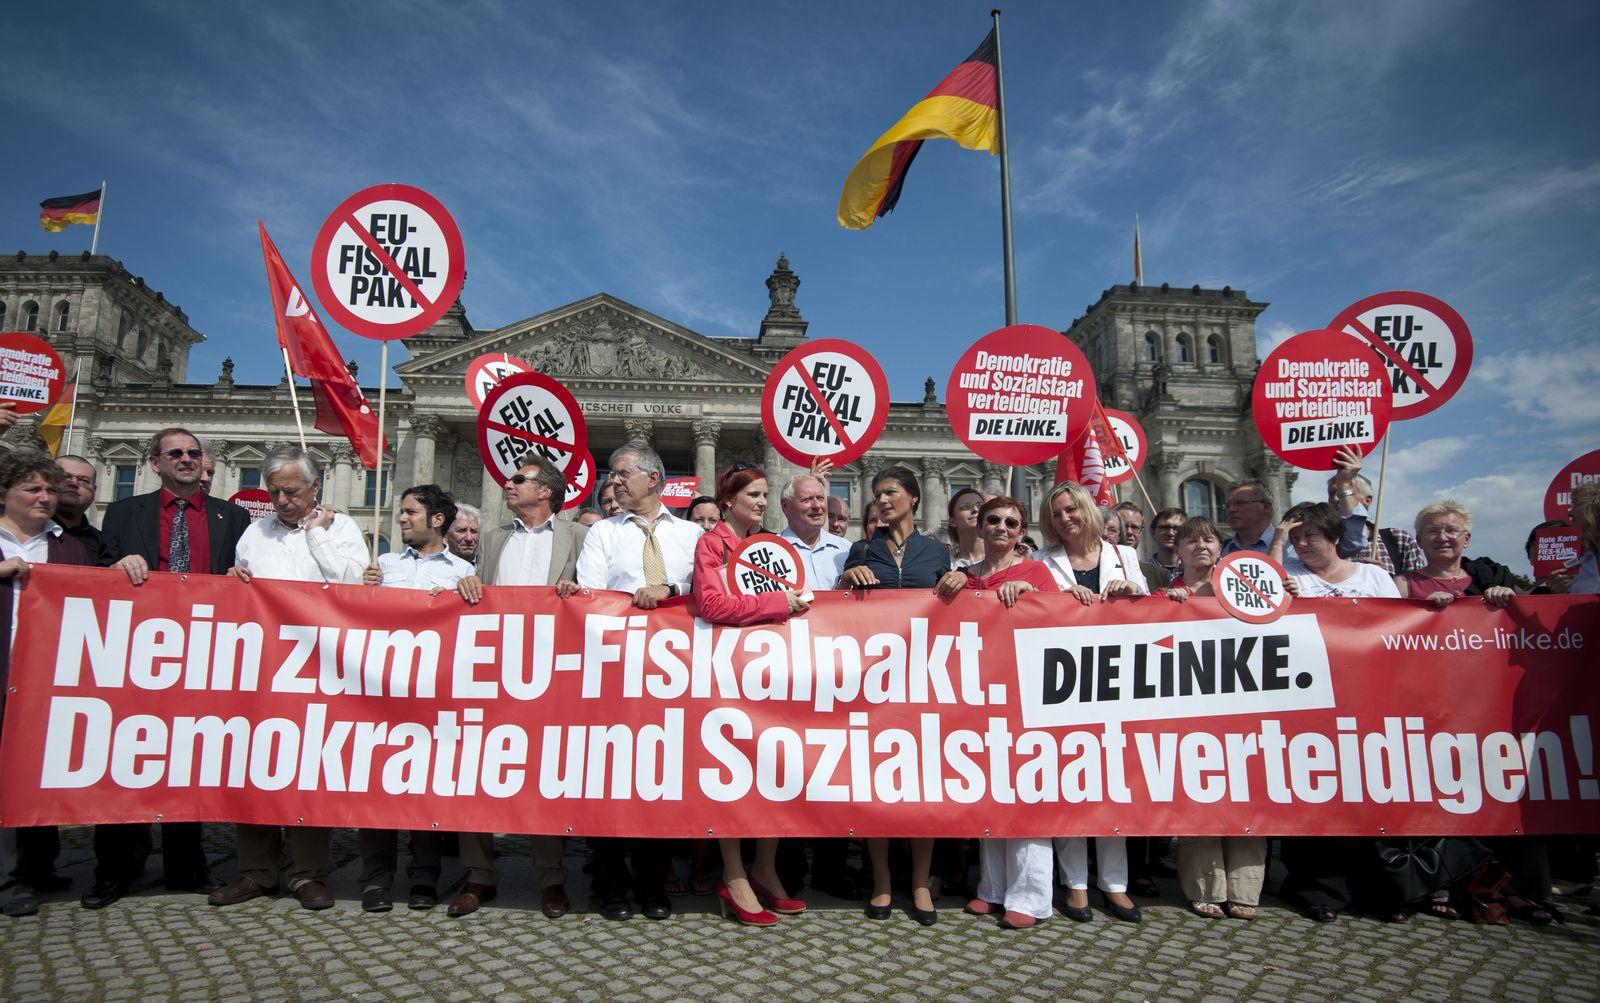 NICHT VERWENDEN Fiskal Pakt Demonstration